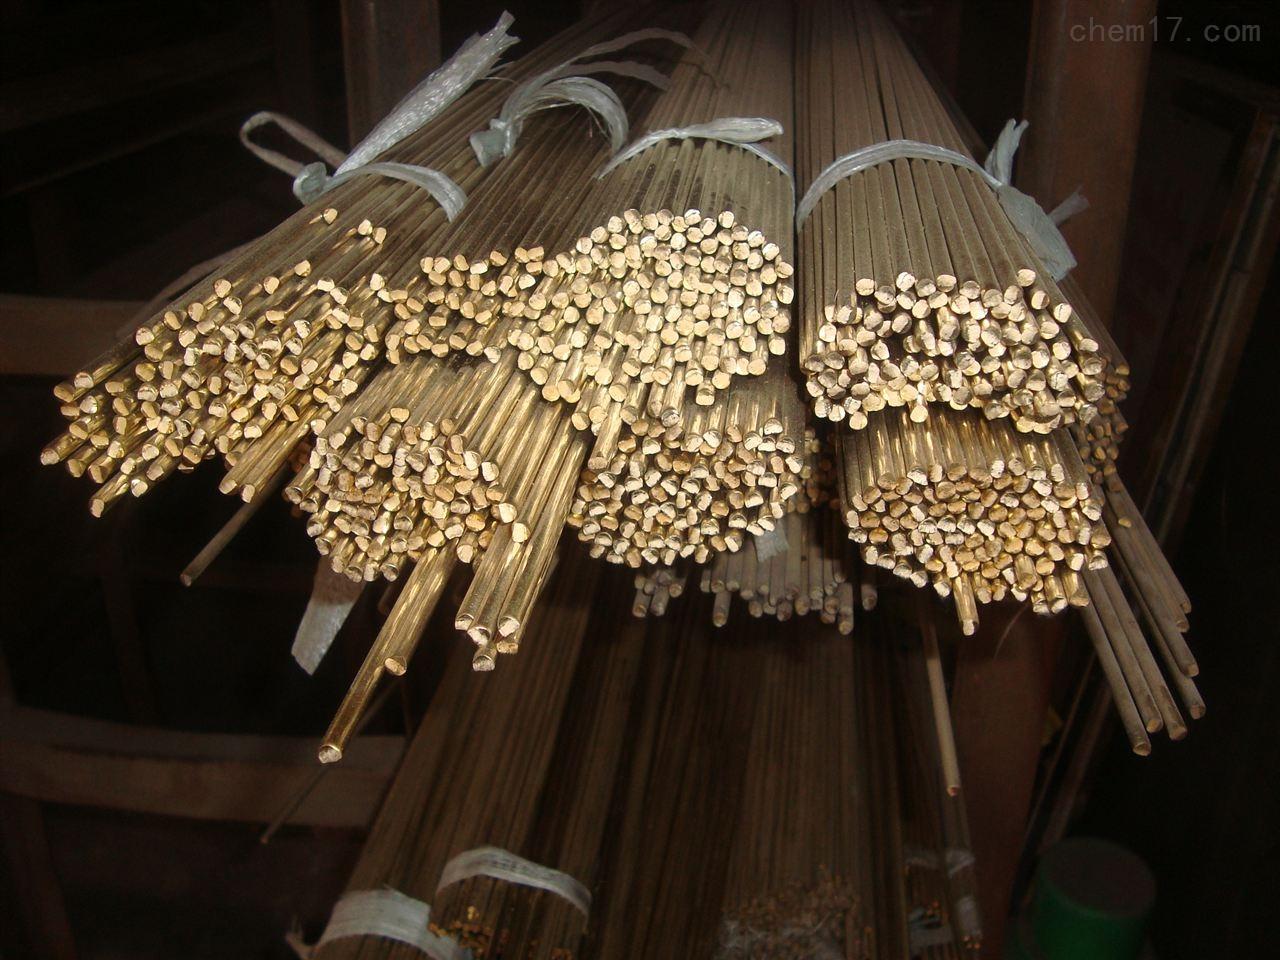 西安黄铜棒价格,黄铜棒生产厂家